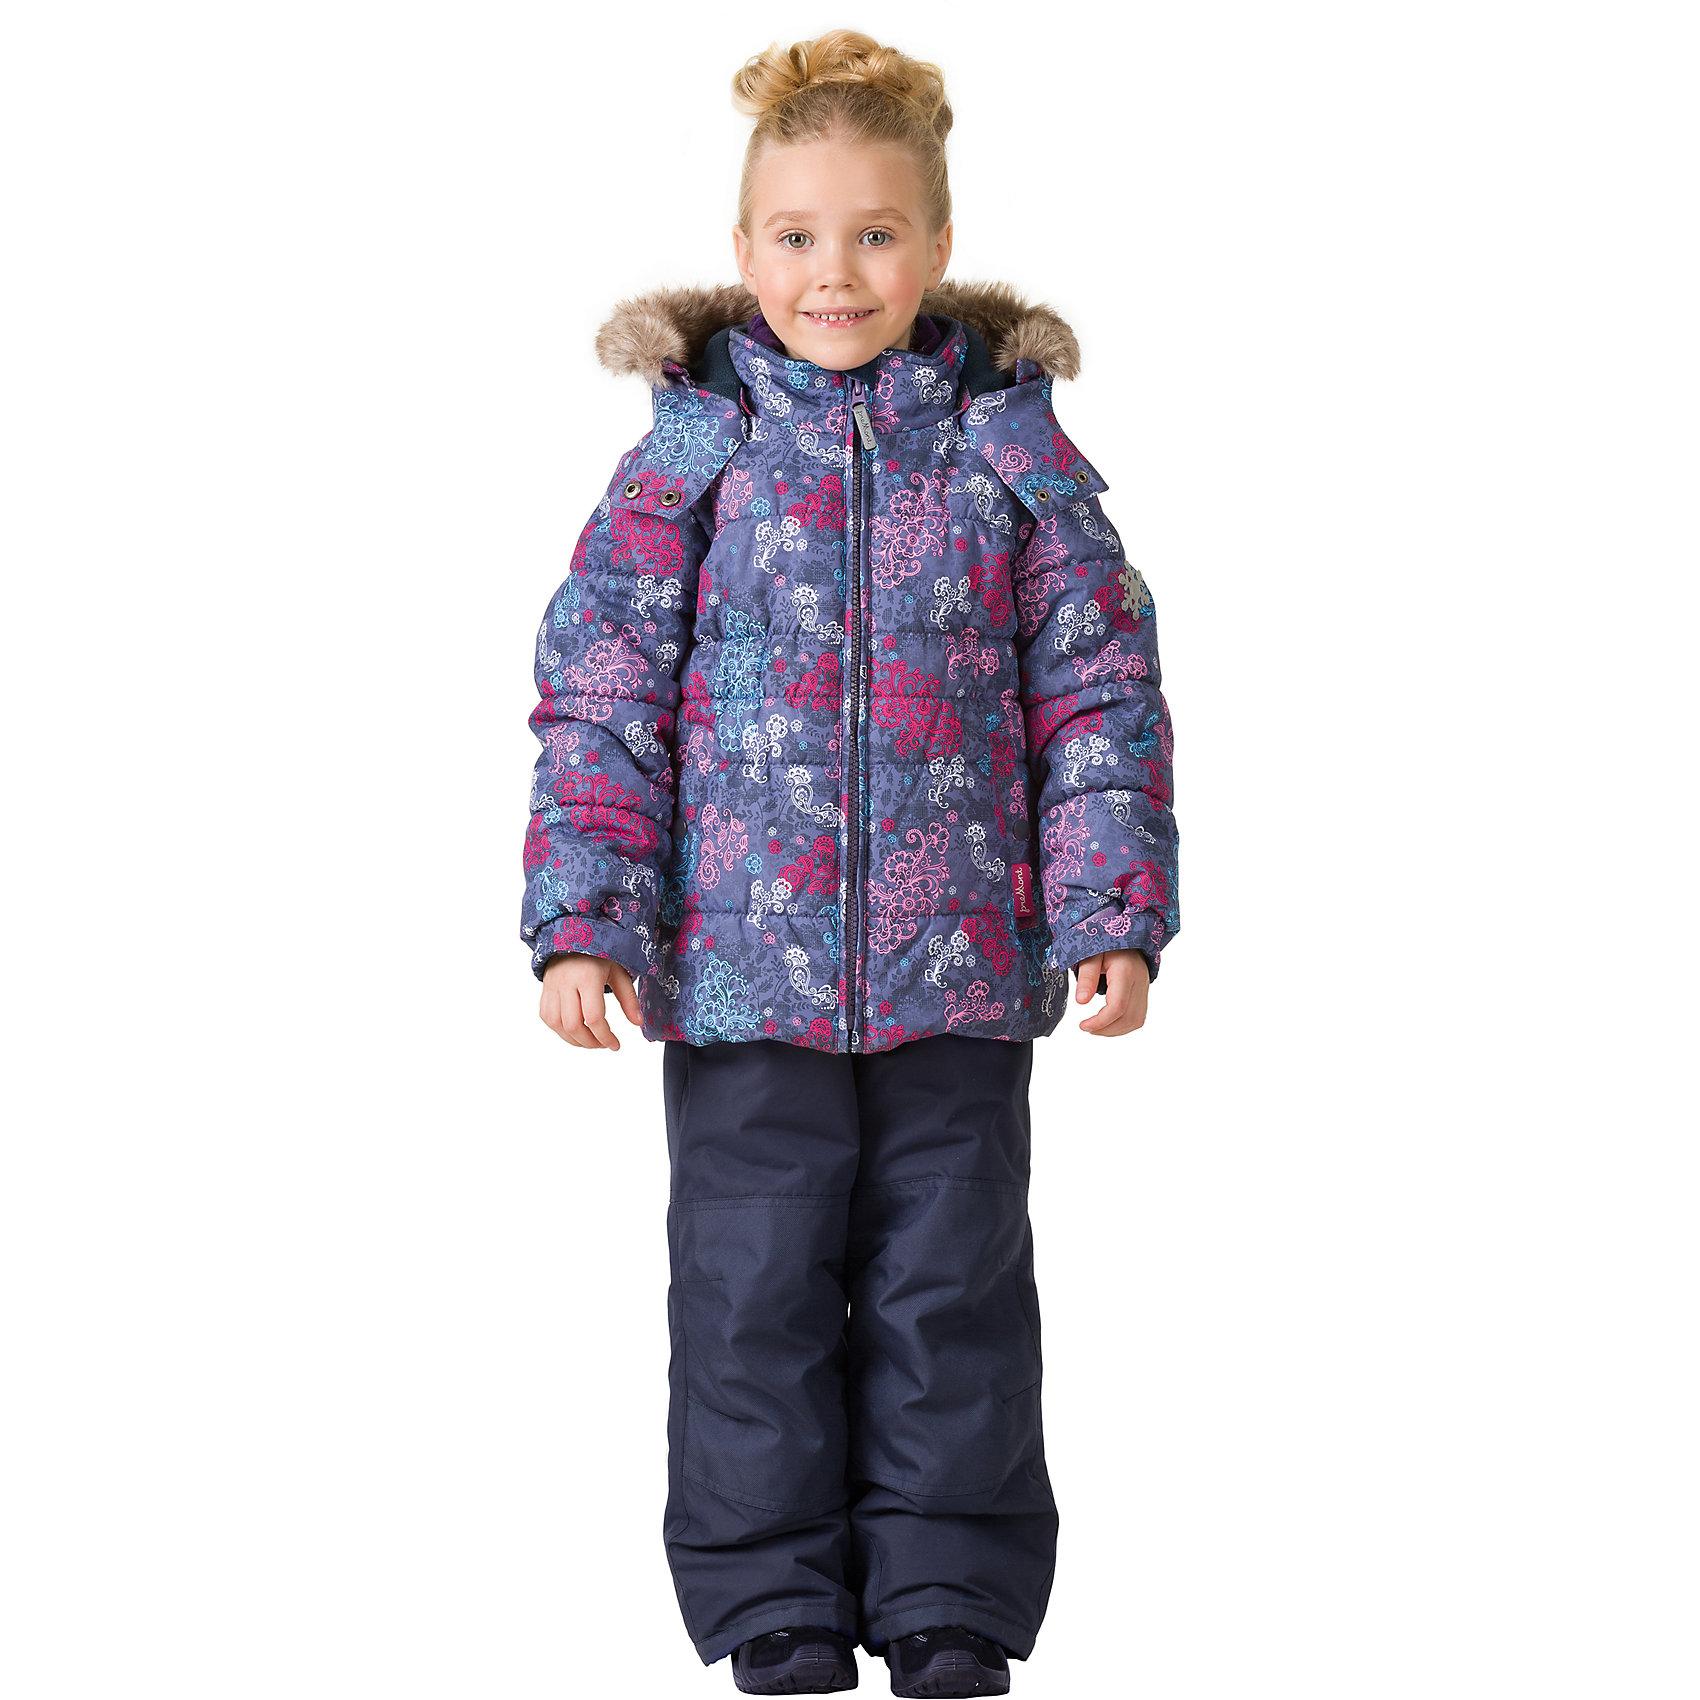 Комплект: куртка и брюки Premont для девочкиВерхняя одежда<br>Характеристики товара:<br><br>• цвет: фиолетовый<br>• комплектация: куртка и брюки<br>• состав ткани: Taslan<br>• подкладка: Polar fleece, Taffeta<br>• утеплитель: Tech-polyfill<br>• сезон: зима<br>• мембранное покрытие<br>• температурный режим: от -30 до +5<br>• водонепроницаемость: 5000 мм <br>• паропроницаемость: 5000 г/м2<br>• плотность утеплителя: куртка - 280 г/м2, брюки - 180 г/м2<br>• капюшон: съемный<br>• искусственный мех на капюшоне отстегивается<br>• застежка: молния<br>• страна бренда: Канада<br>• страна изготовитель: Китай<br><br>Удобный мембранный комплект для ребенка состоит из куртки и брюк. Детский теплый комплект дополнен эластичными манжетами, светоотражающими элементами, лямками, планкой от ветра и карманами на липучках. Теплый зимний детский комплект сделан с применением мембранной технологии.<br><br>Комплект: куртка и брюки для девочки Premont (Премонт) можно купить в нашем интернет-магазине.<br><br>Ширина мм: 356<br>Глубина мм: 10<br>Высота мм: 245<br>Вес г: 519<br>Цвет: серый<br>Возраст от месяцев: 156<br>Возраст до месяцев: 168<br>Пол: Женский<br>Возраст: Детский<br>Размер: 164,92,98,100,104,110,116,120,122,128,140,152<br>SKU: 7088164